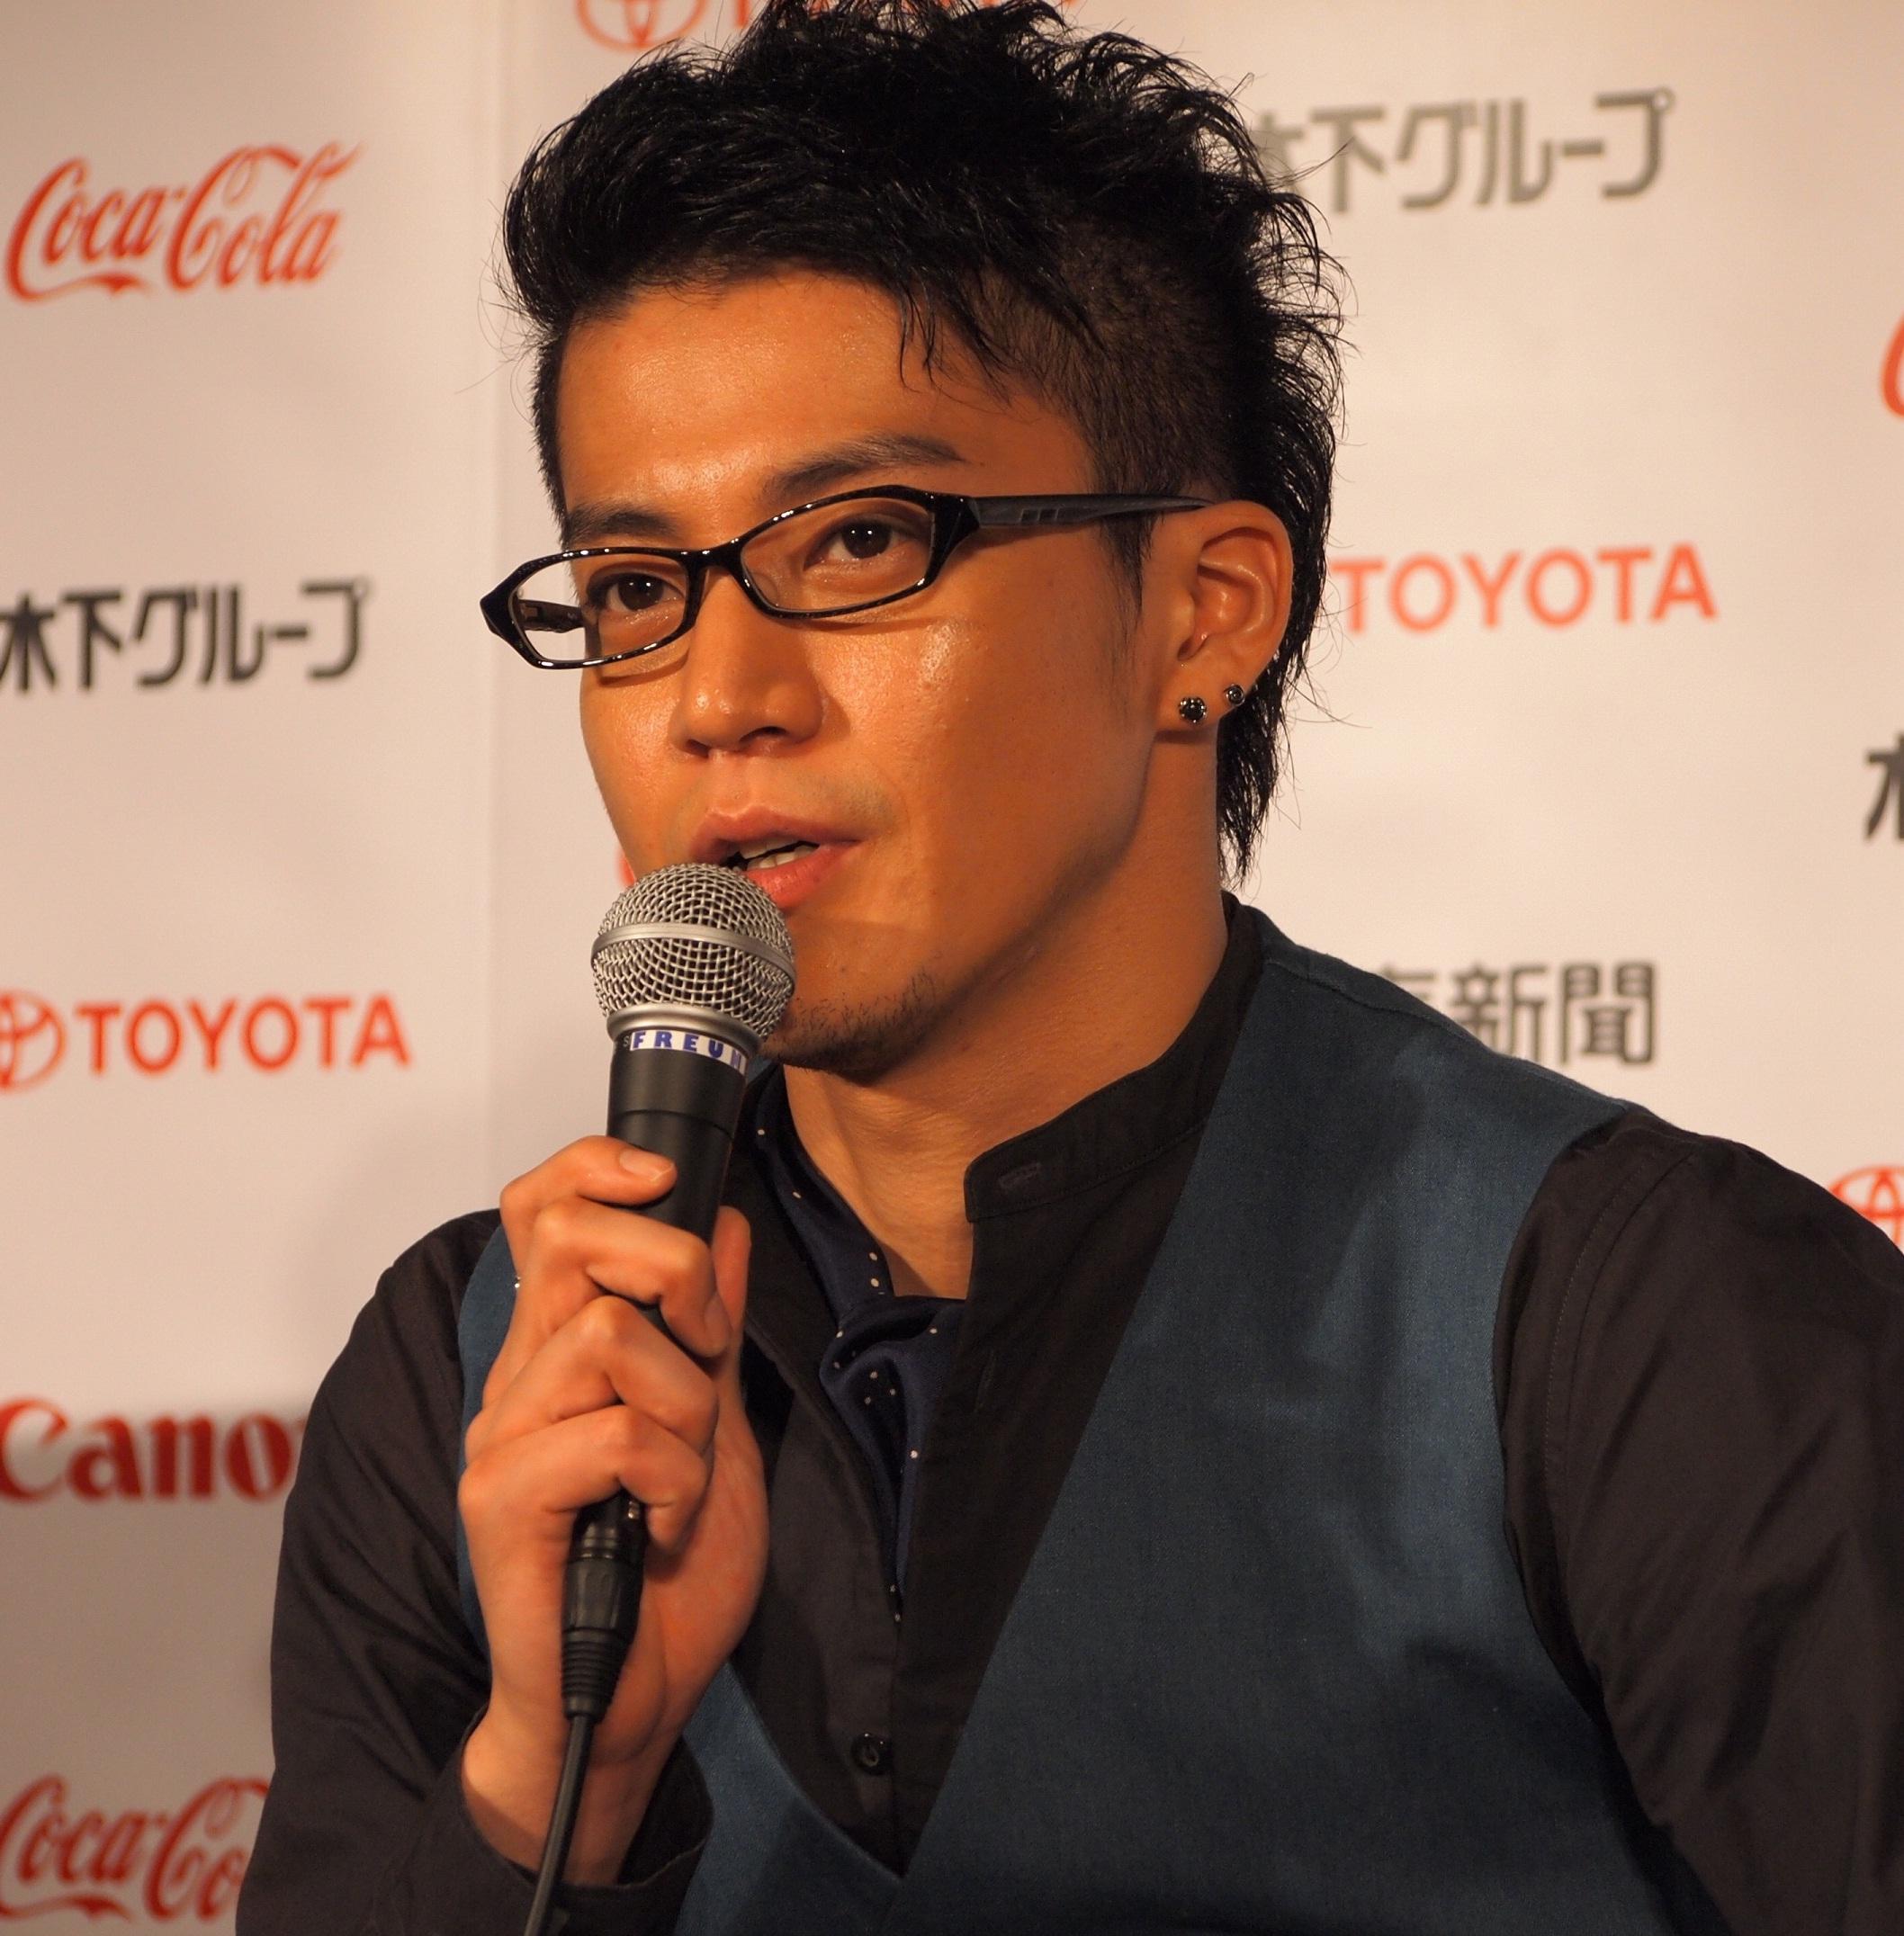 最新のヘアスタイル 最新髪型メンズ ツーブロック : Shun Oguri